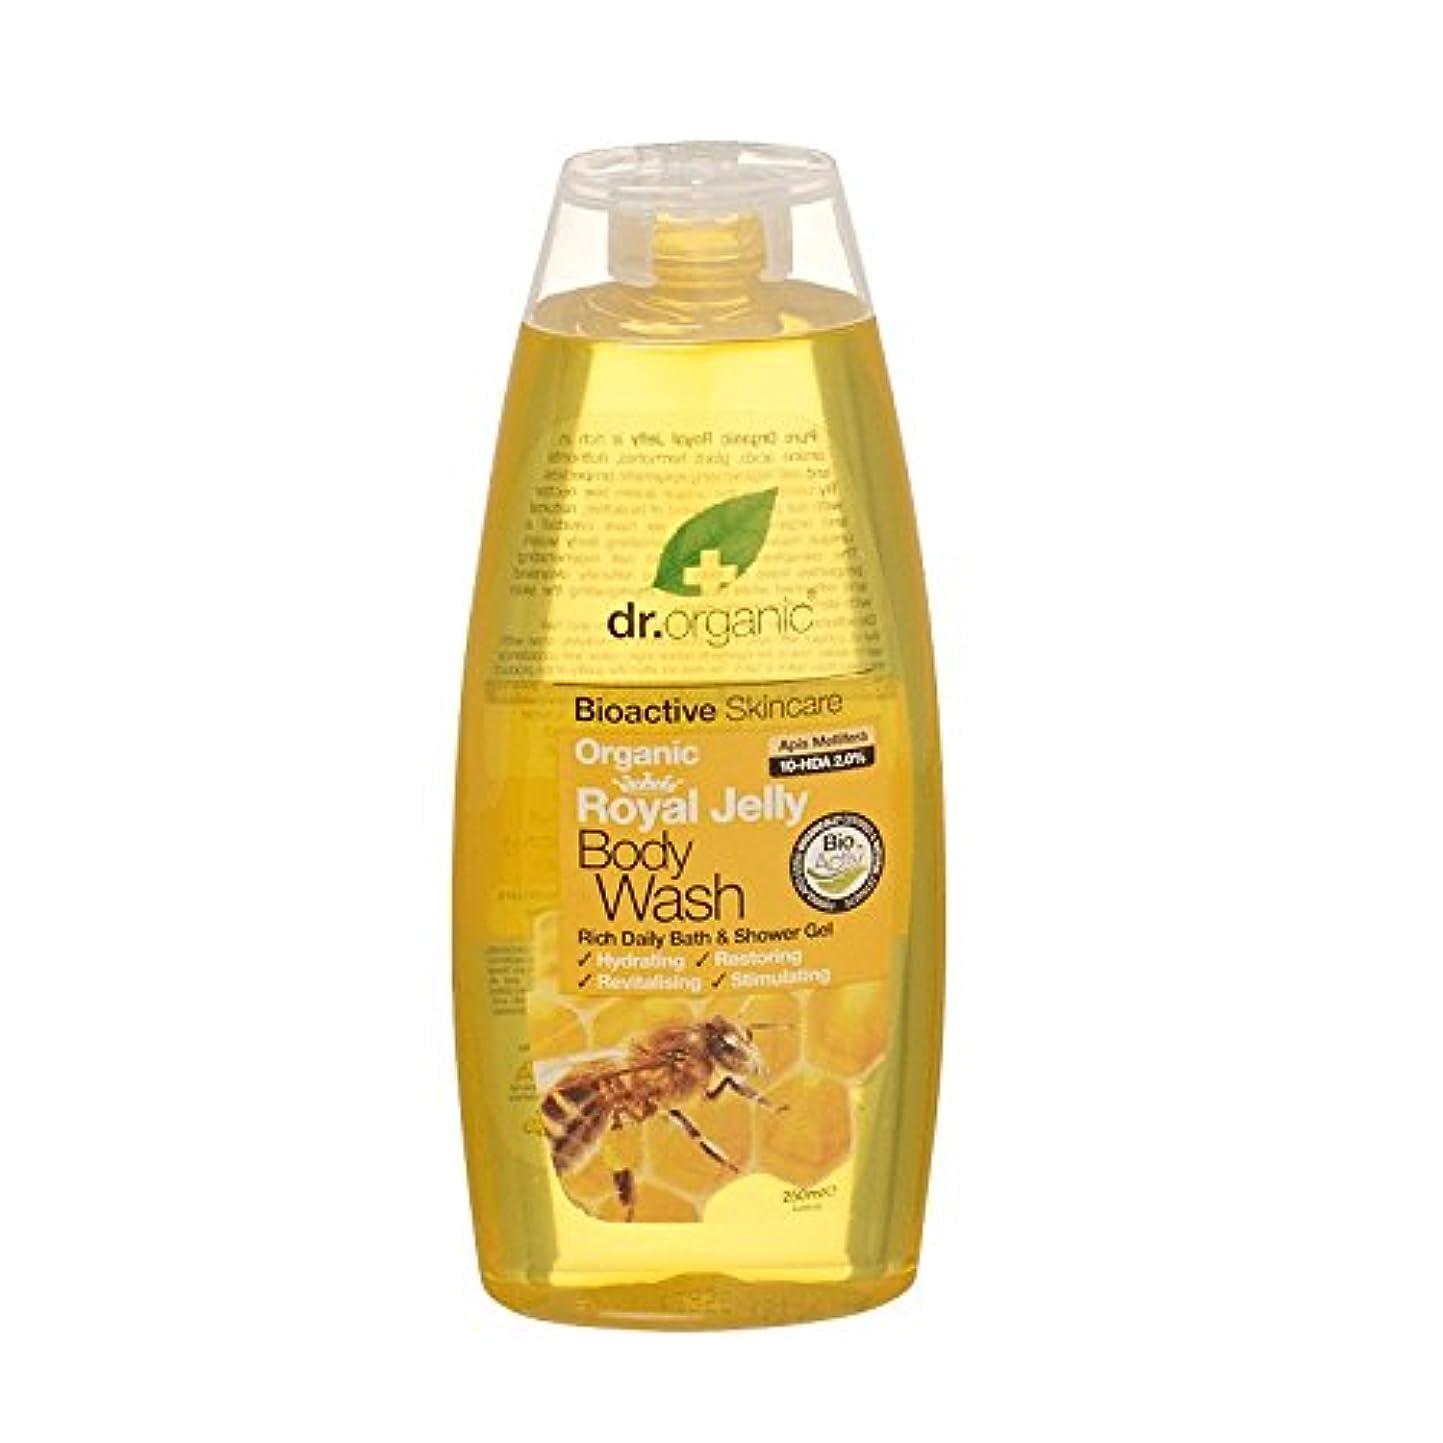 会計転倒低下Dr Organic Royal Jelly Body Wash (Pack of 6) - Dr有機ローヤルゼリーボディウォッシュ (x6) [並行輸入品]